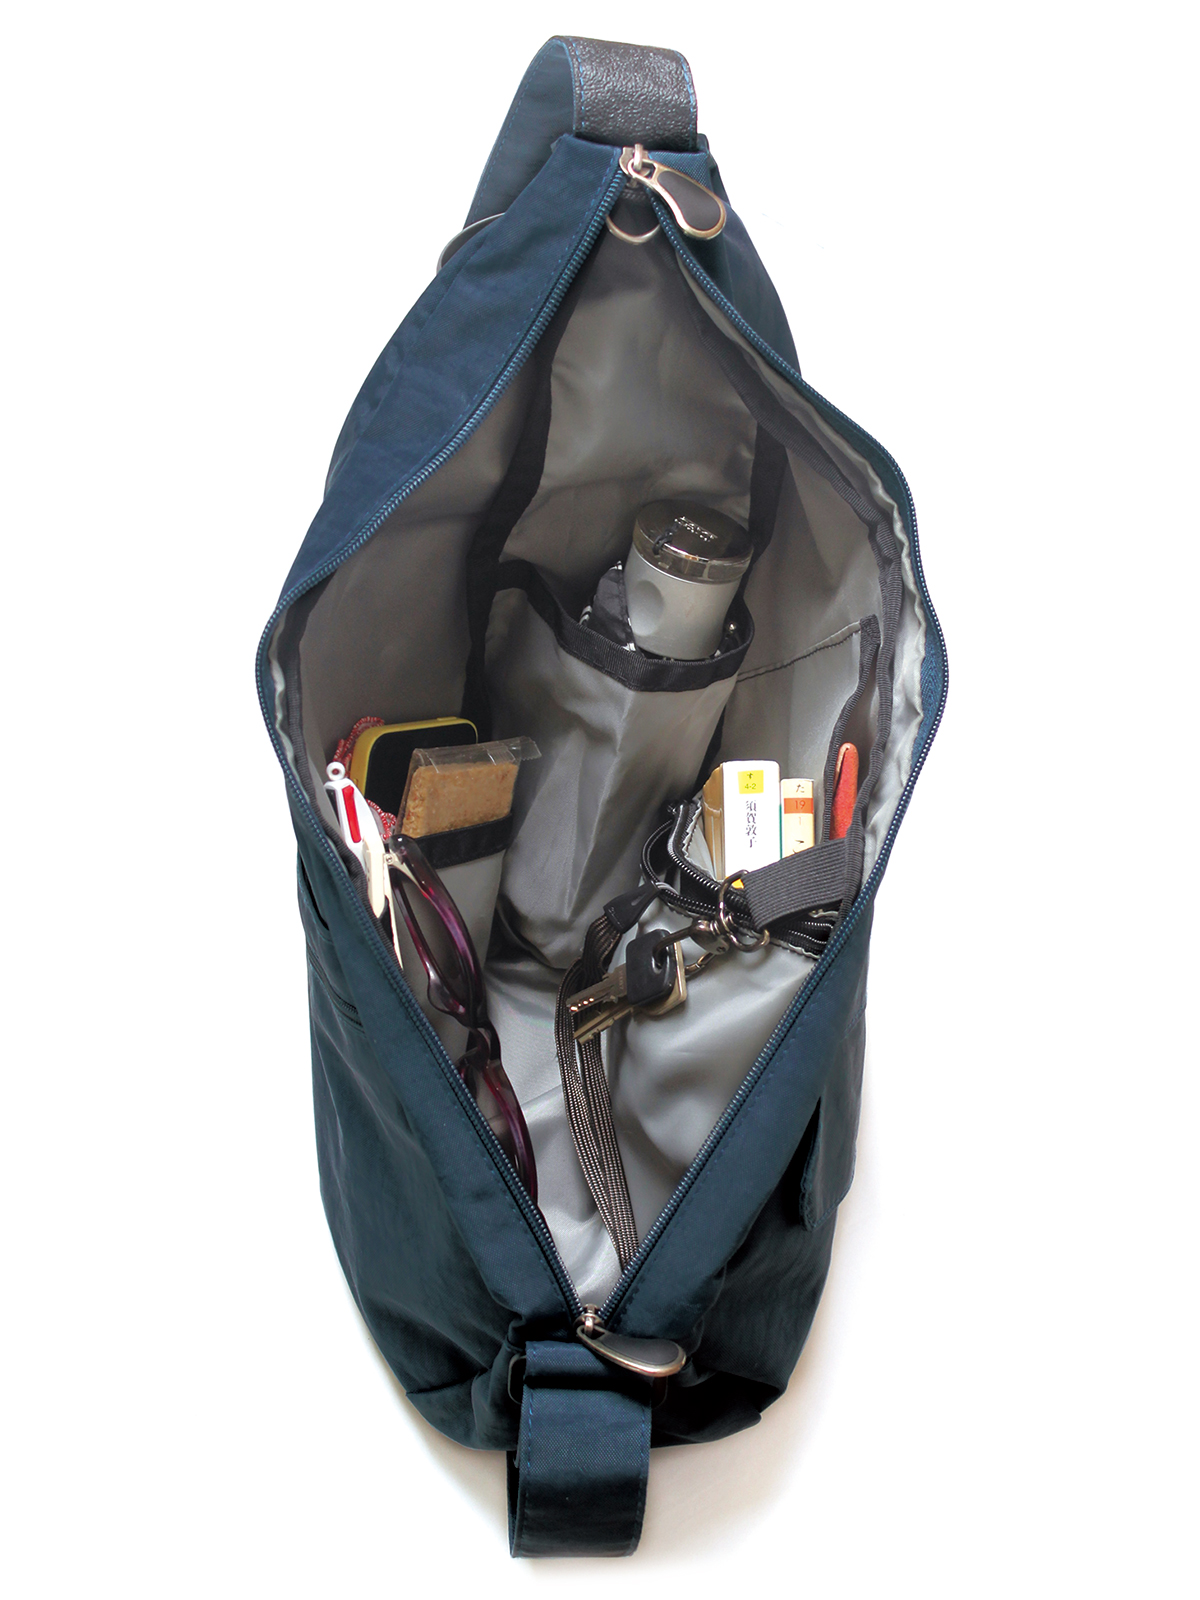 週末の買い物や日帰り旅行、通勤にぴったりのボディバッグ|Healthy Back Bag